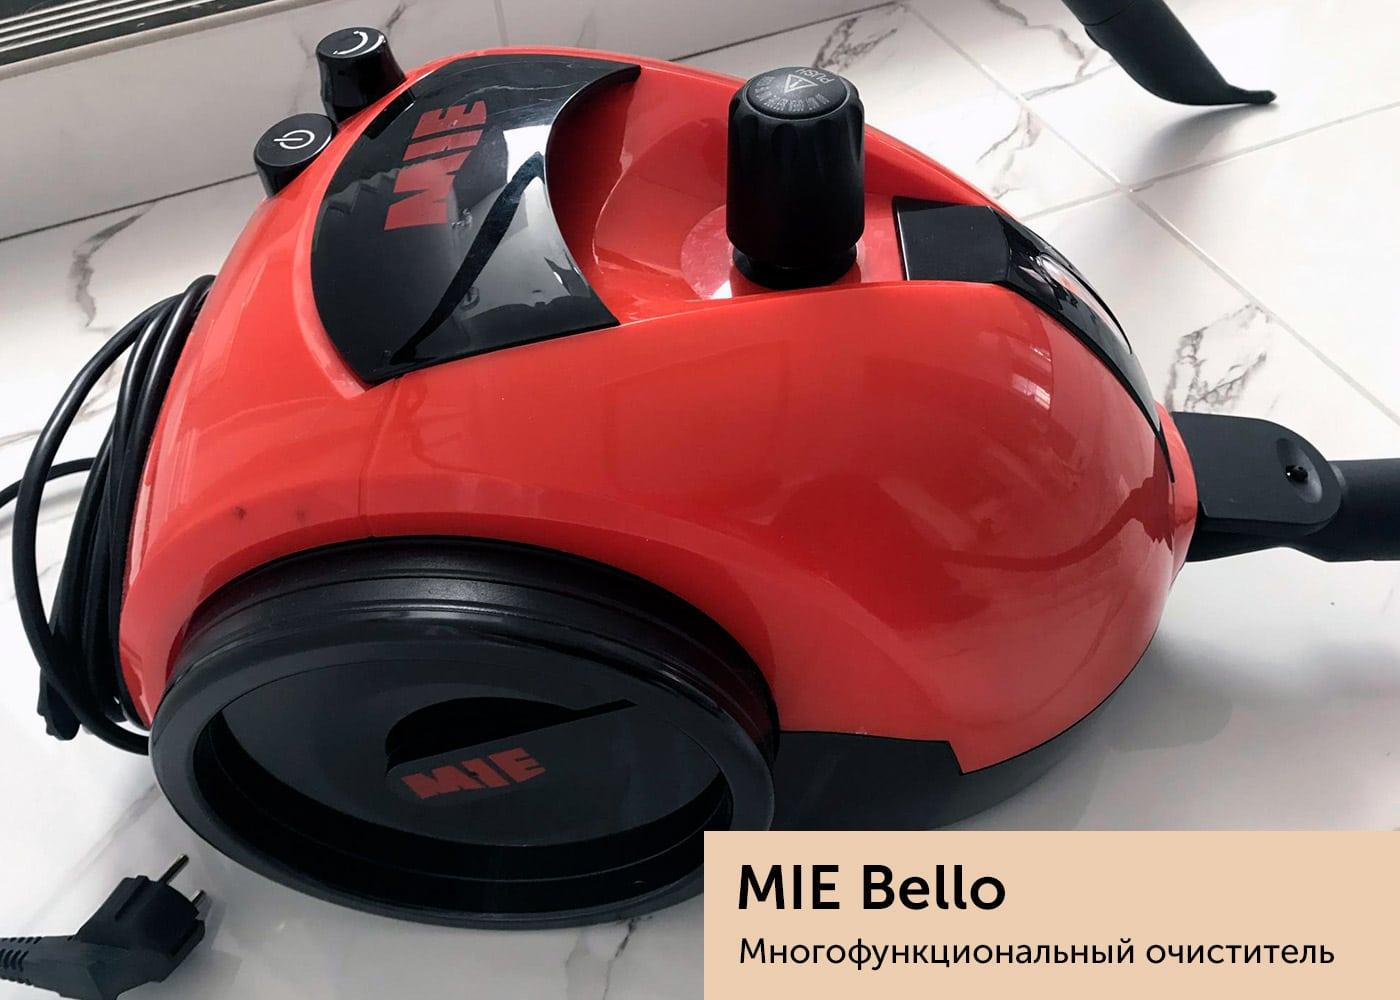 Бытовой очиститель MIE Bello